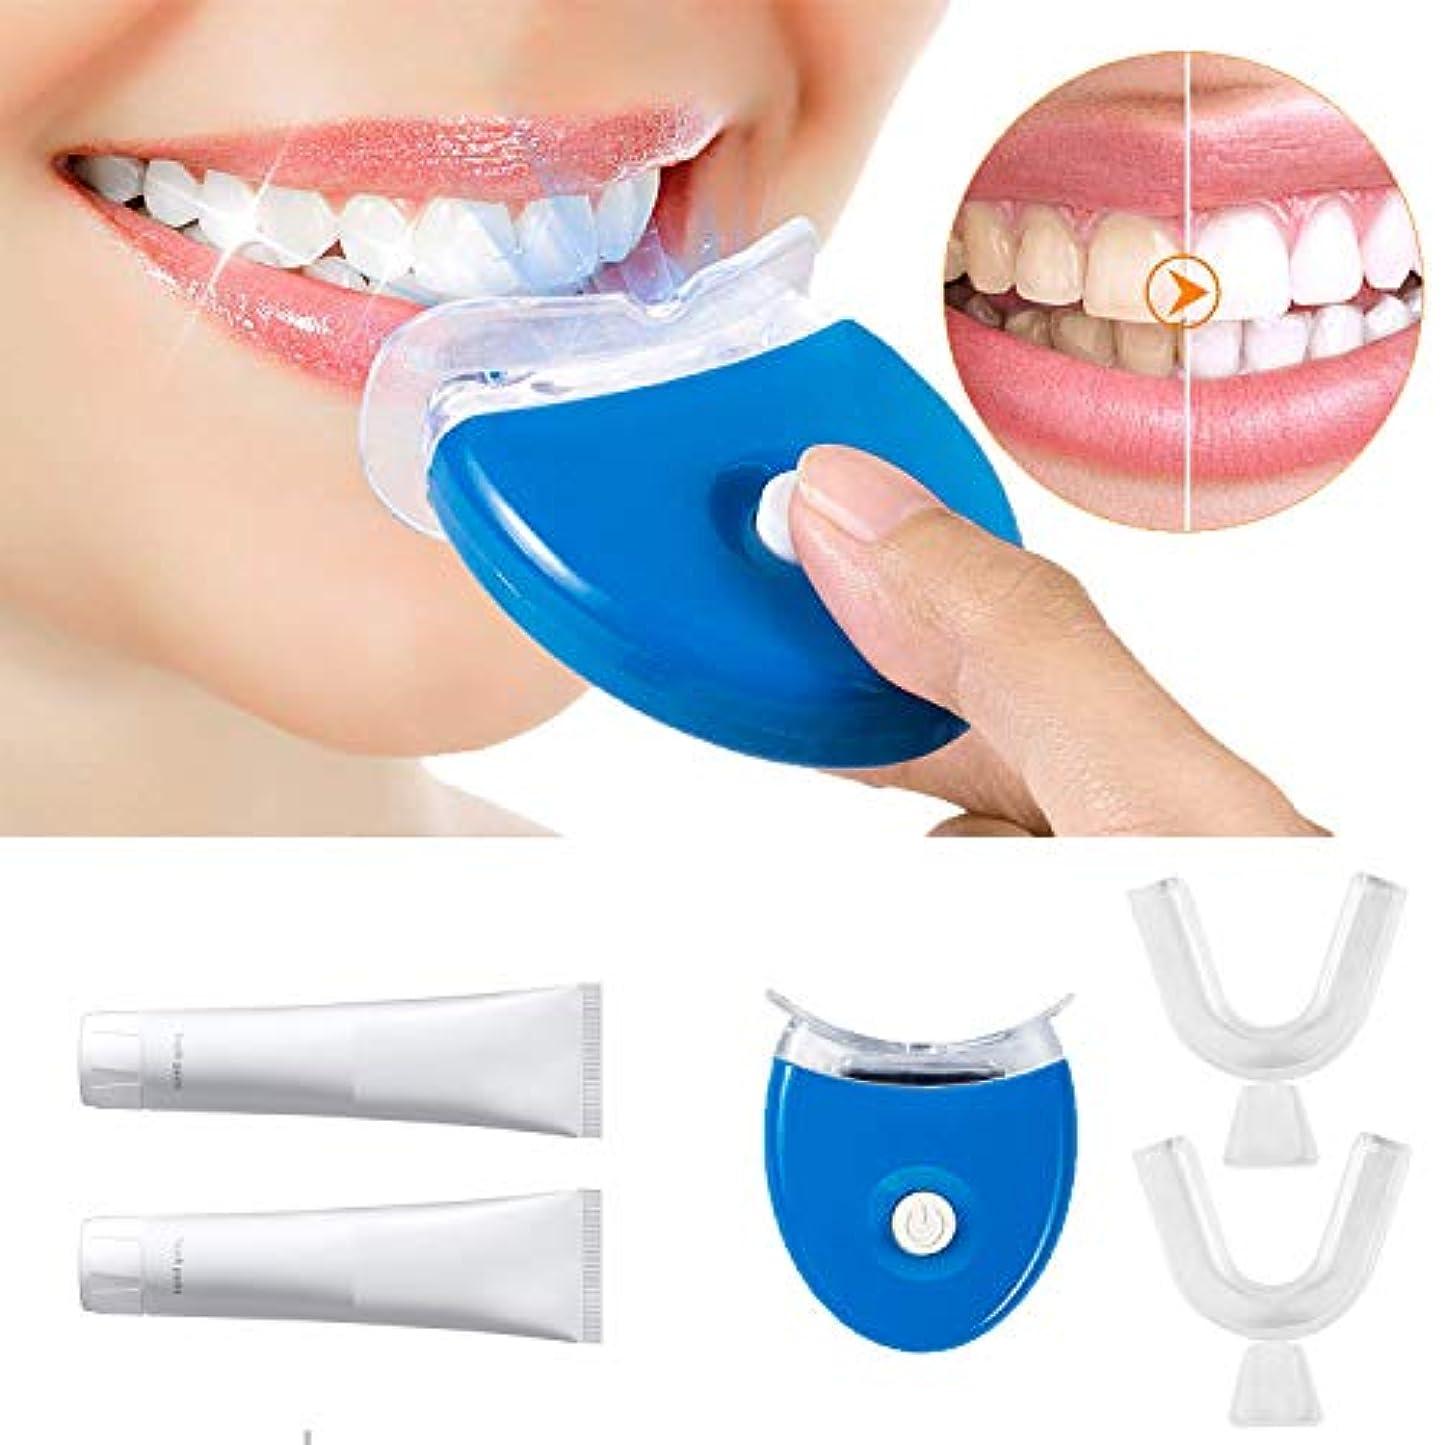 ブルーベルどきどき関与するホワイトニング 歯ホワイトニング器 歯美白器 美歯器 歯 ホワイトニング ホワイトナー ケア 歯の消しゴム 歯科機器 口腔ゲルキット ブルー